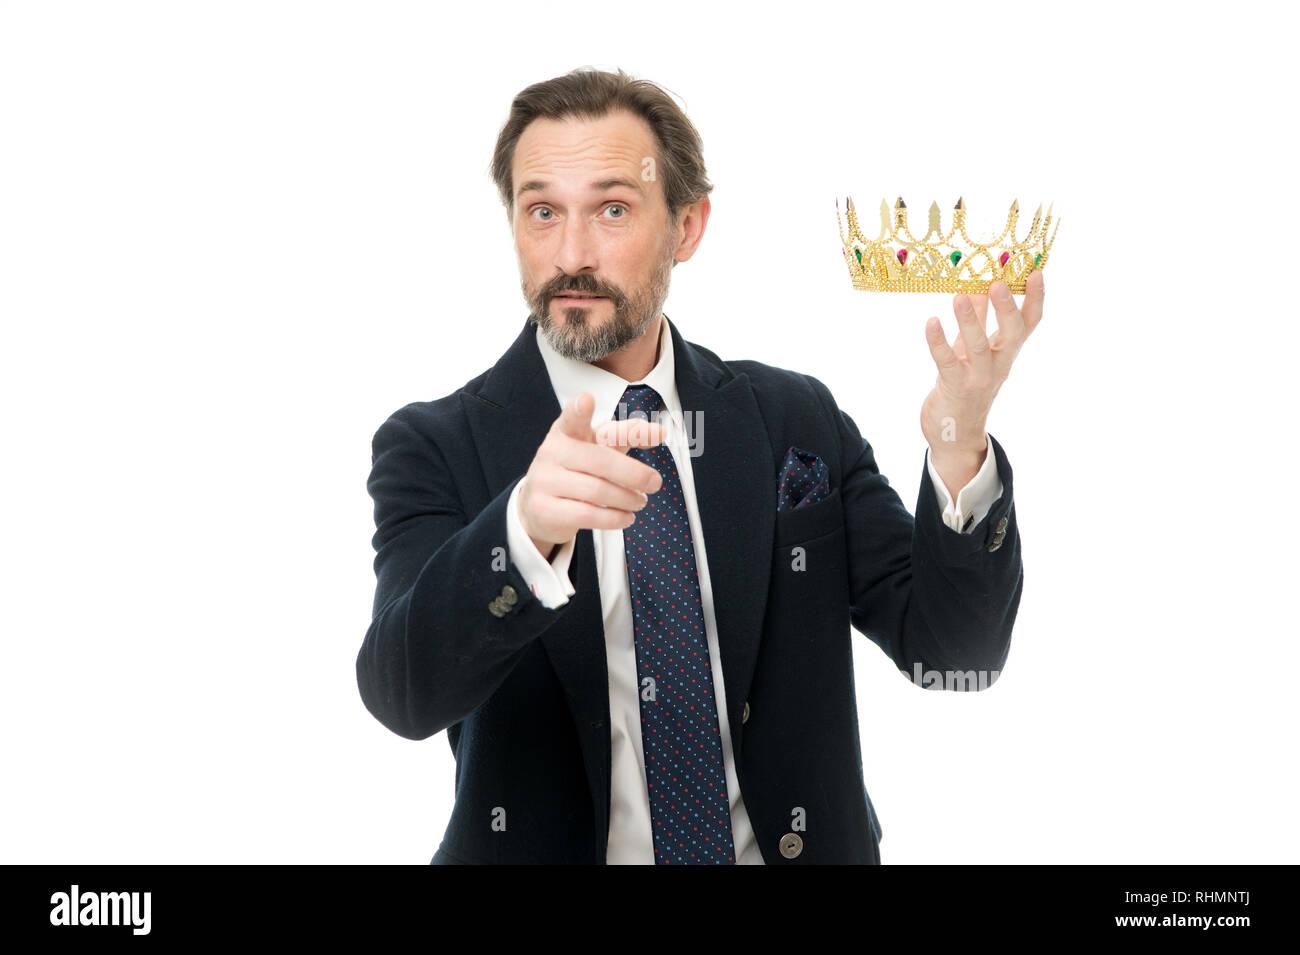 Un enorme privilegio. Conviértete en el rey ceremonia. Atributo de rey. Convertirse en el próximo rey. La monarquía las tradiciones familiares. Hombre naturaleza chico barbudo en traje retener la corona de oro símbolo de la monarquía. Línea directa con el trono. Imagen De Stock